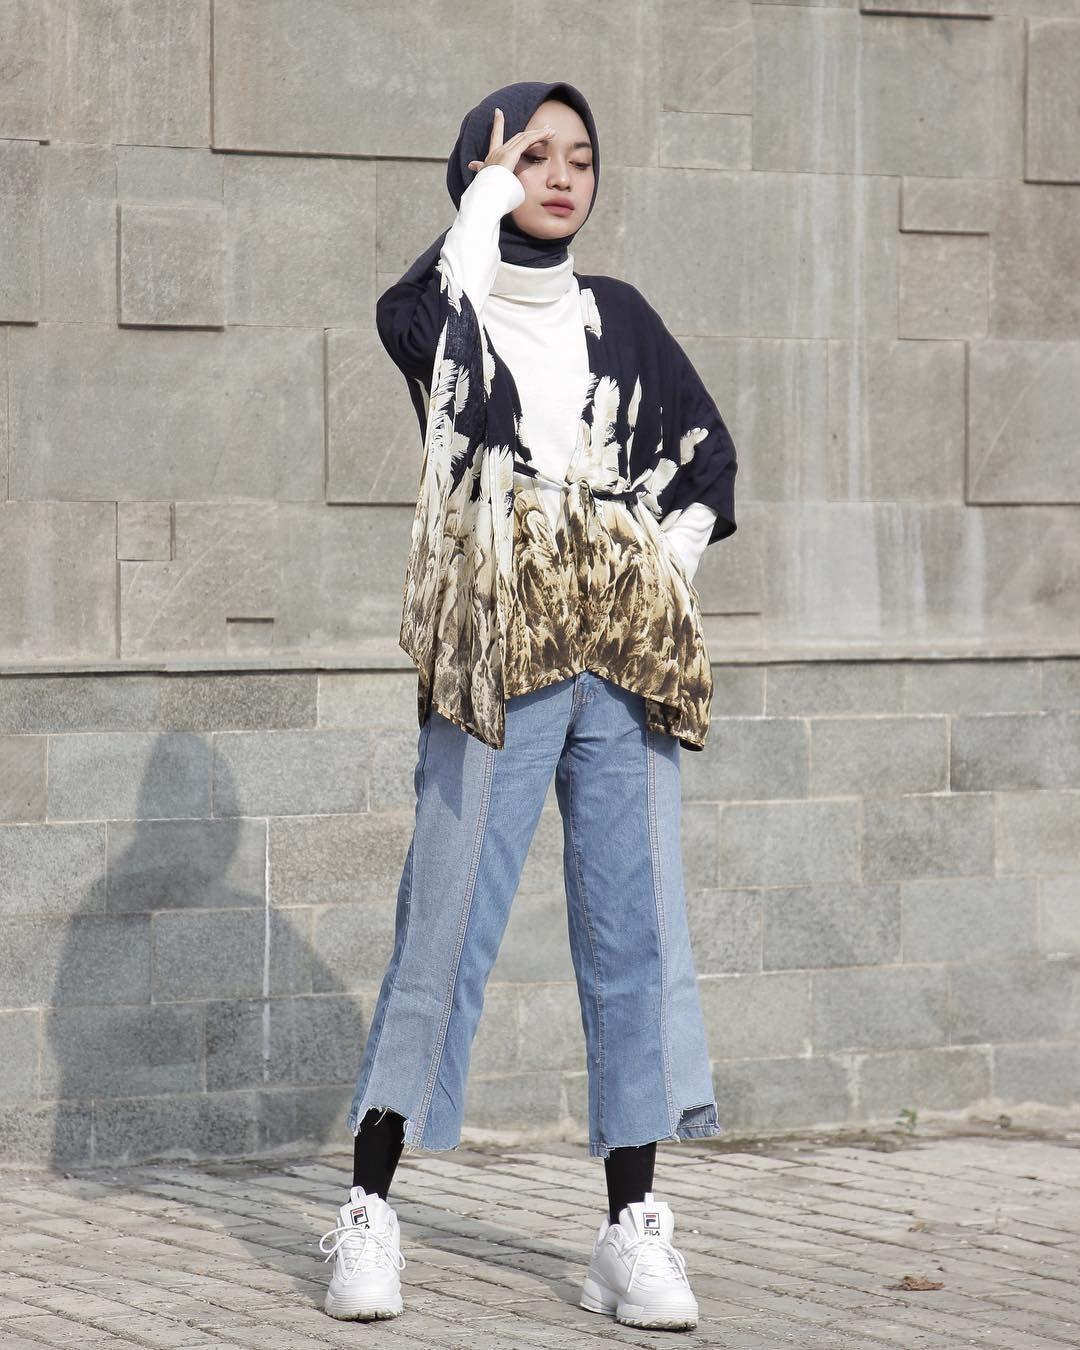 Pin oleh Nisa di Hijab style | Pakaian model, Casual hijab ...